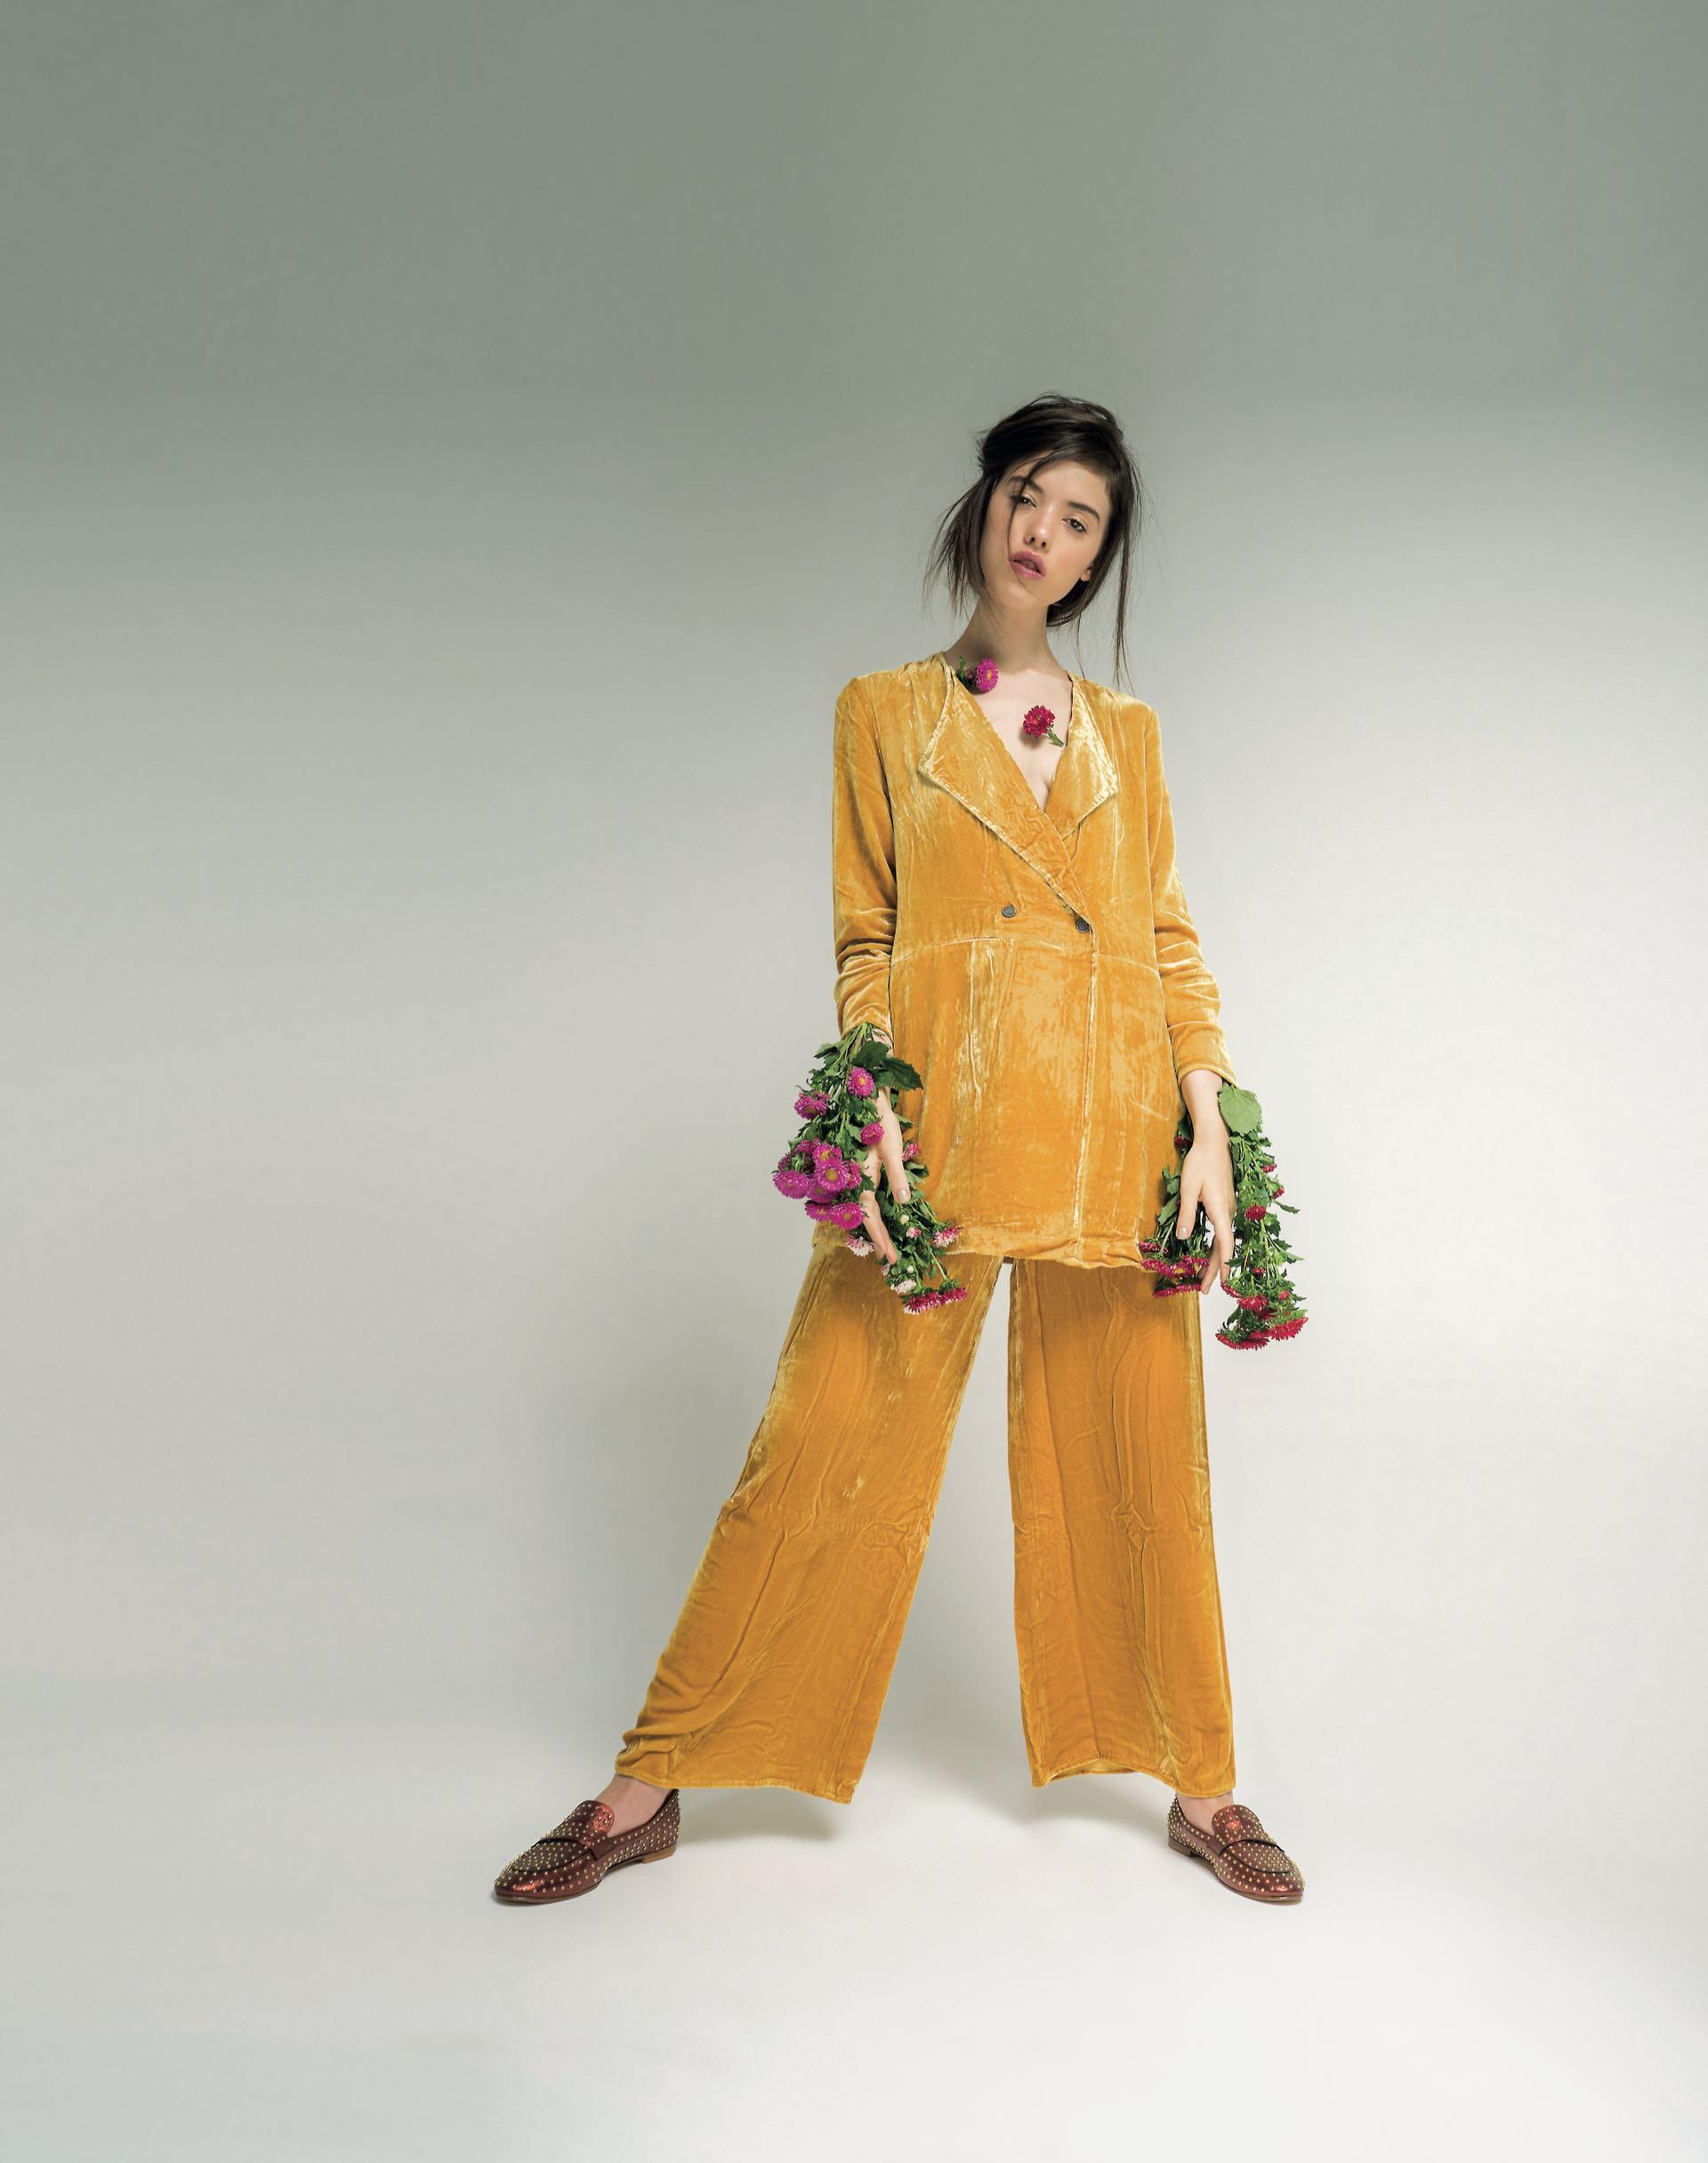 Saco y pantalón de terciopelo ($ 6.900 y 5.600, Rapsodia) y mocasines de cuero metalizado con tachas ($ 4.490, Sofi Martiré). (Fotos: Juan Jauregui/ Para Ti)